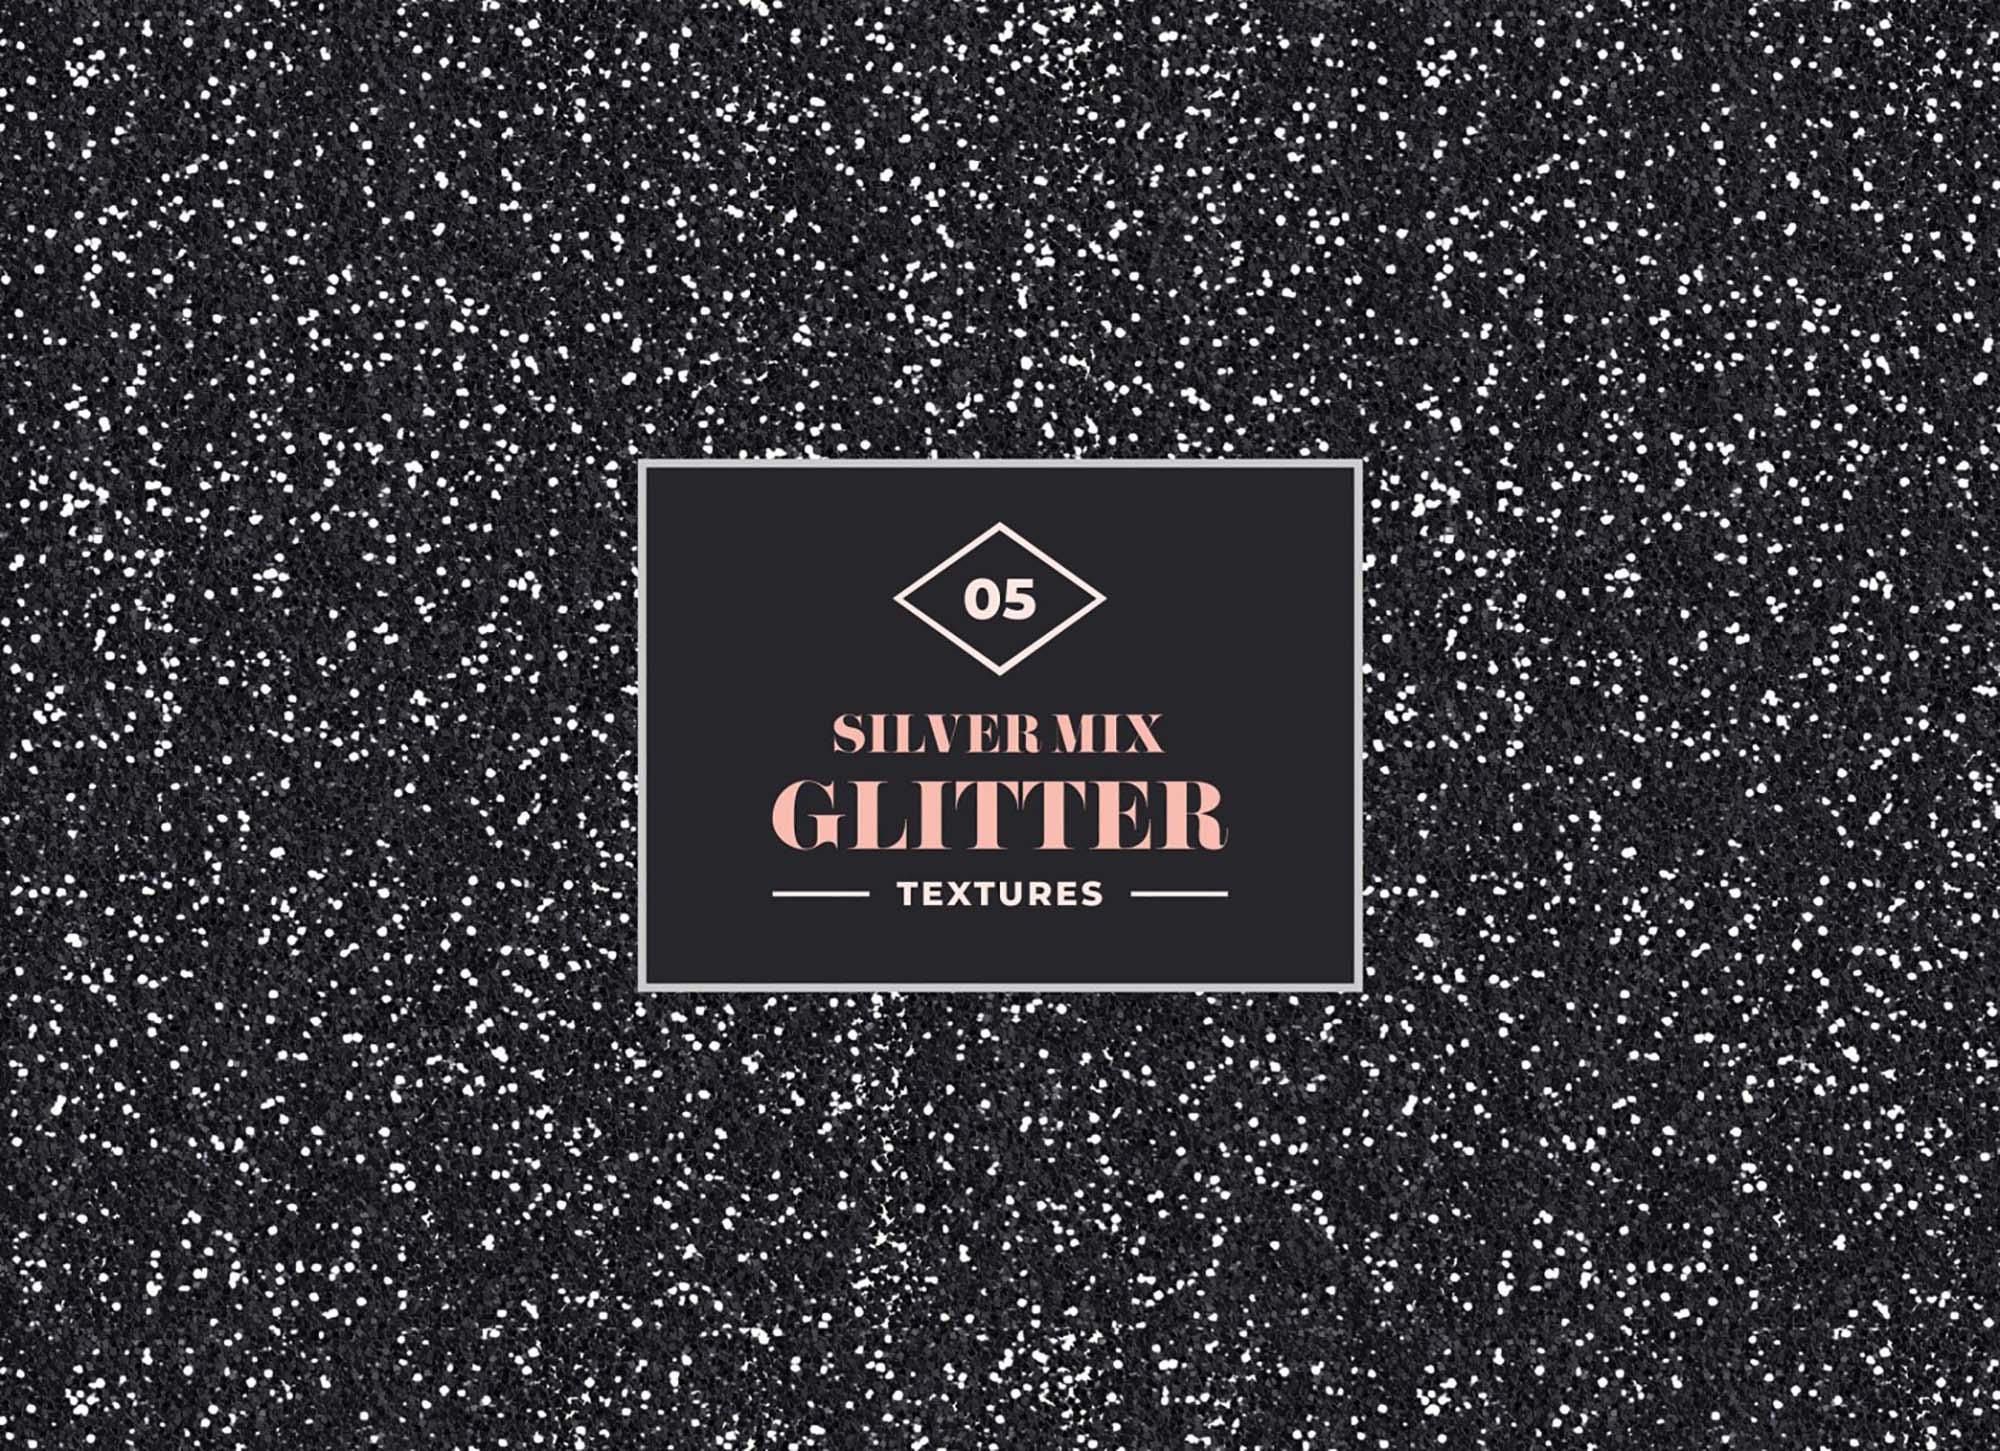 Silver Mix Glitter Textures